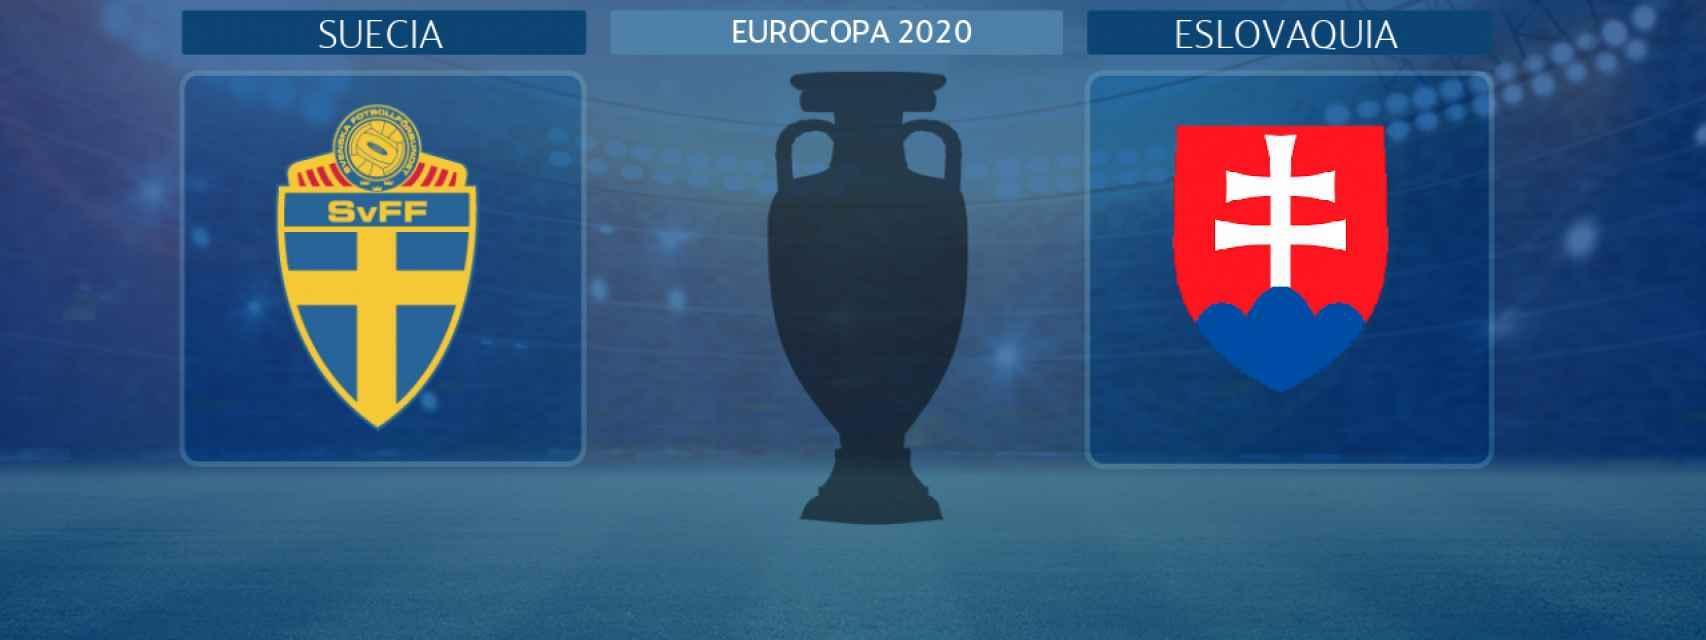 Suecia - Eslovaquia, partido de la Eurocopa 2020